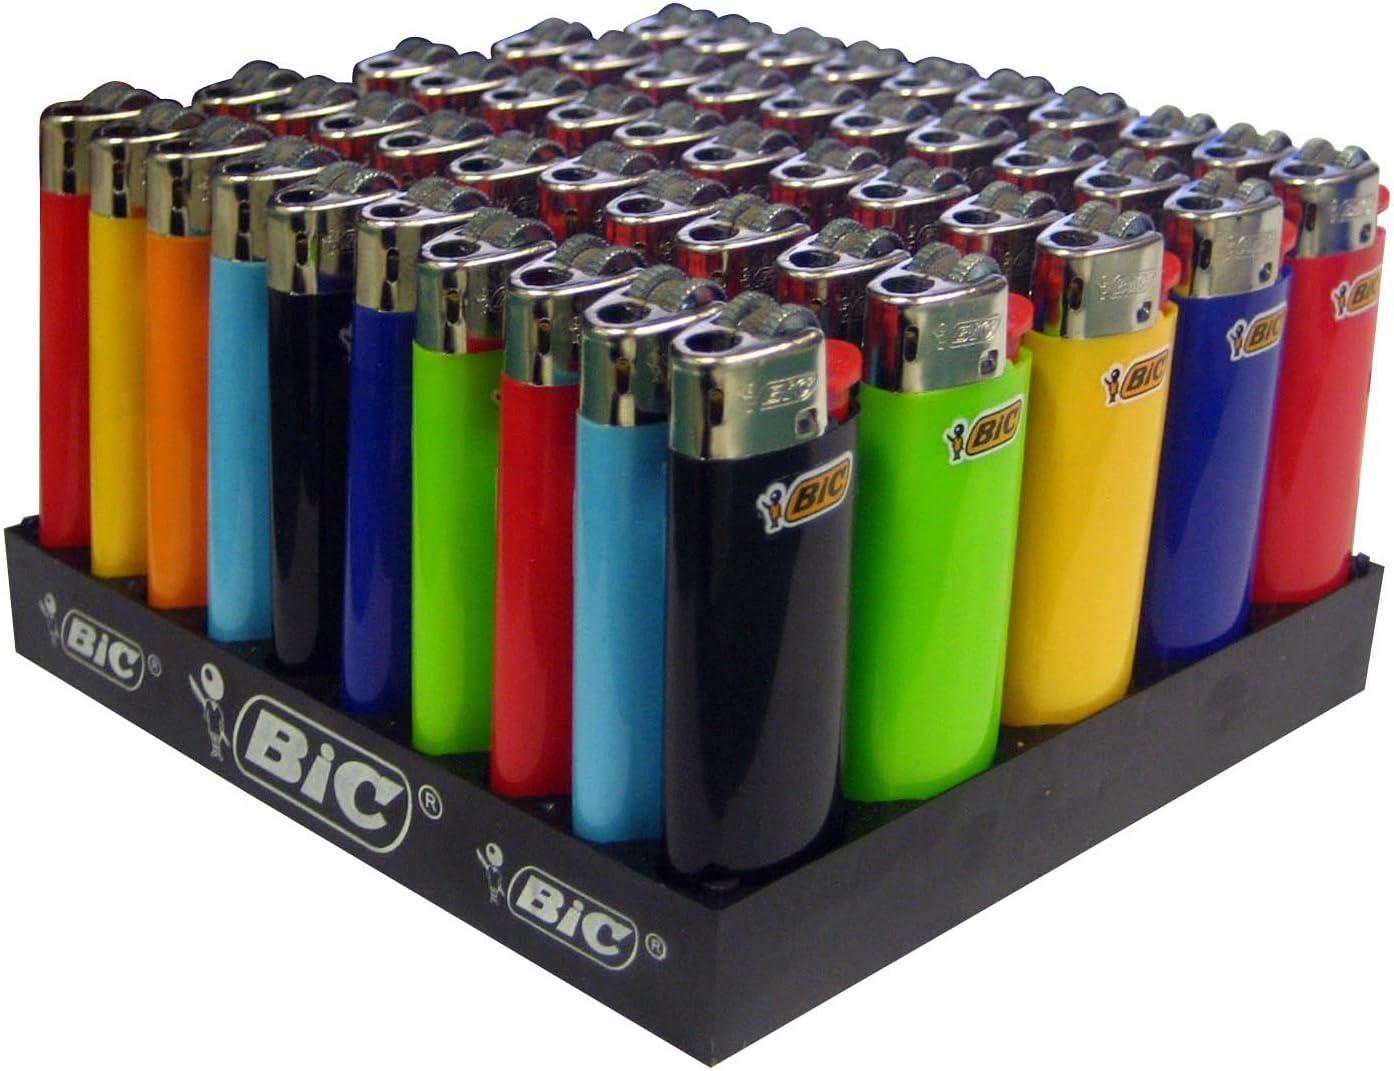 Bic encendedor j5 mini, 1 unidad, surtido: colores aleatorios ...